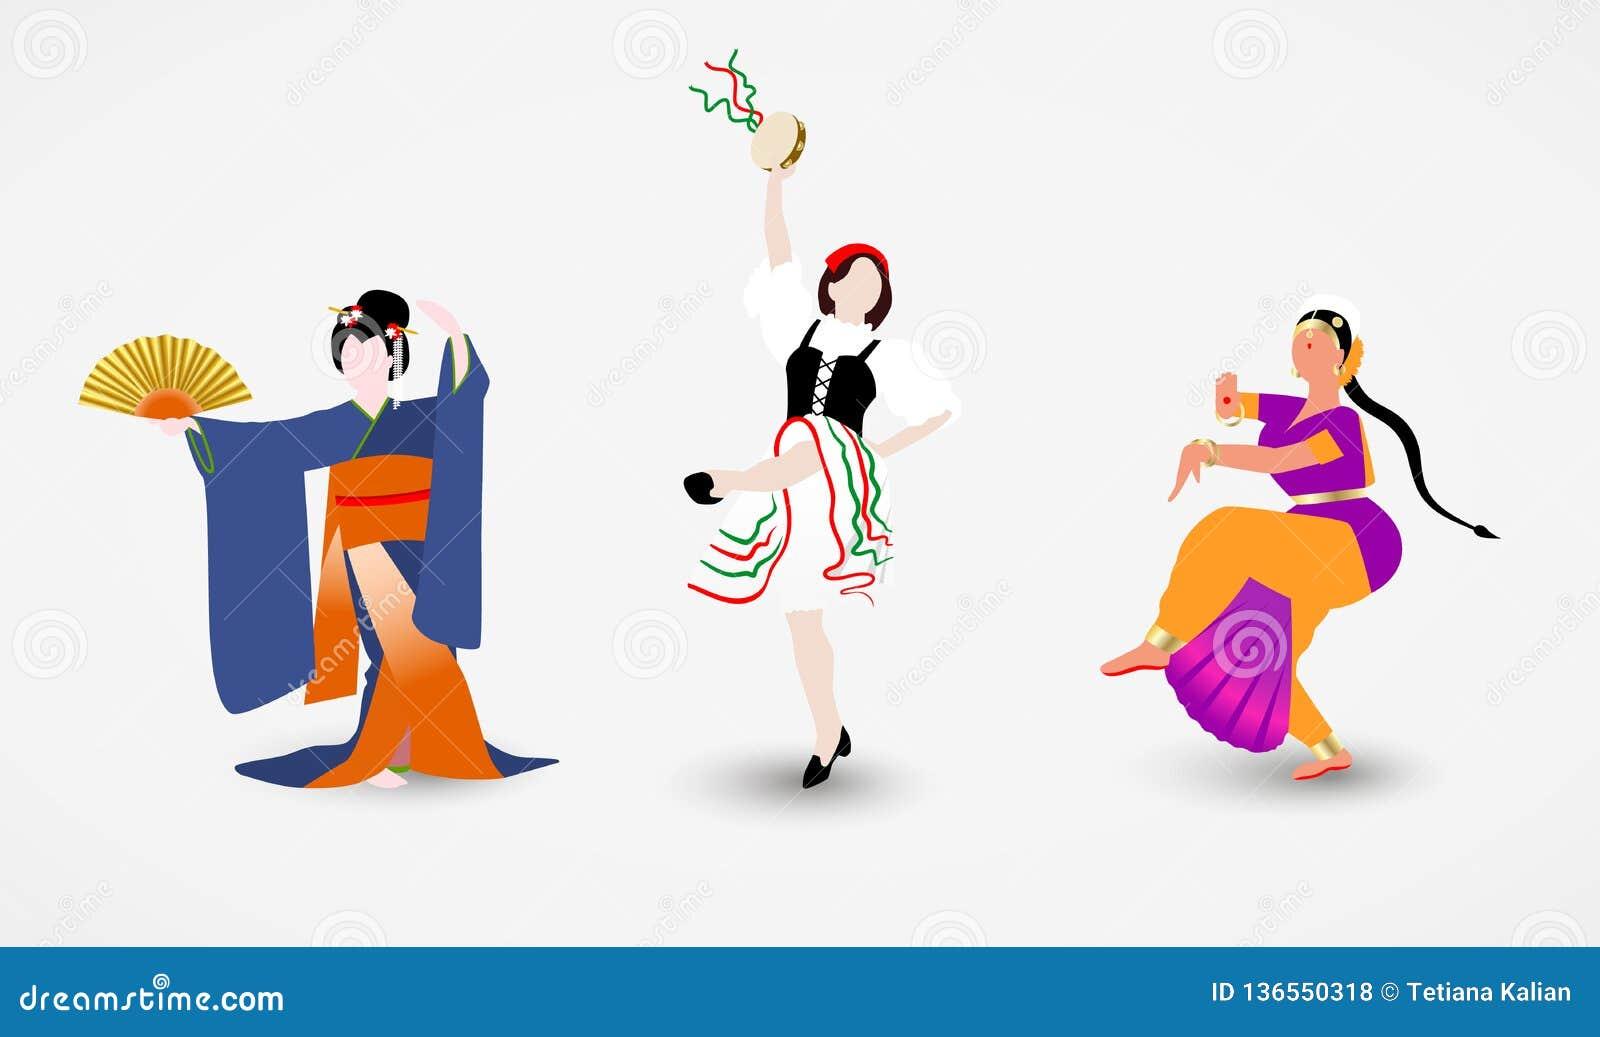 Set ilustracje kobiety różne rasy tanczy ludowych tanów ich kraje ubierał w krajowych kostiumach